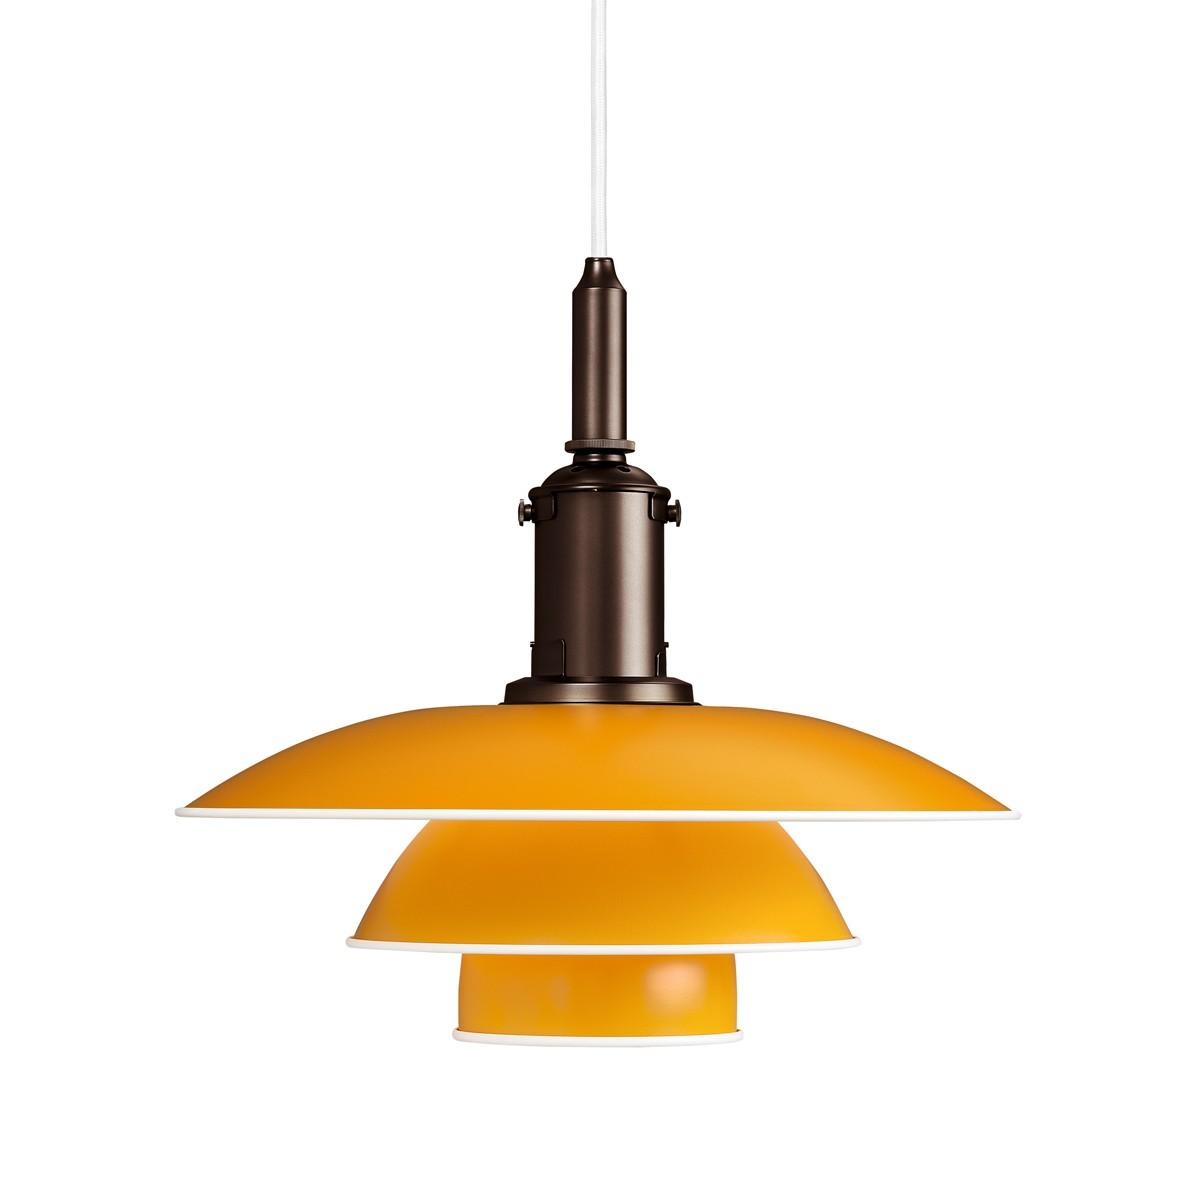 Louis Poulsen PH 3½-3 Pendelleuchte, gelb